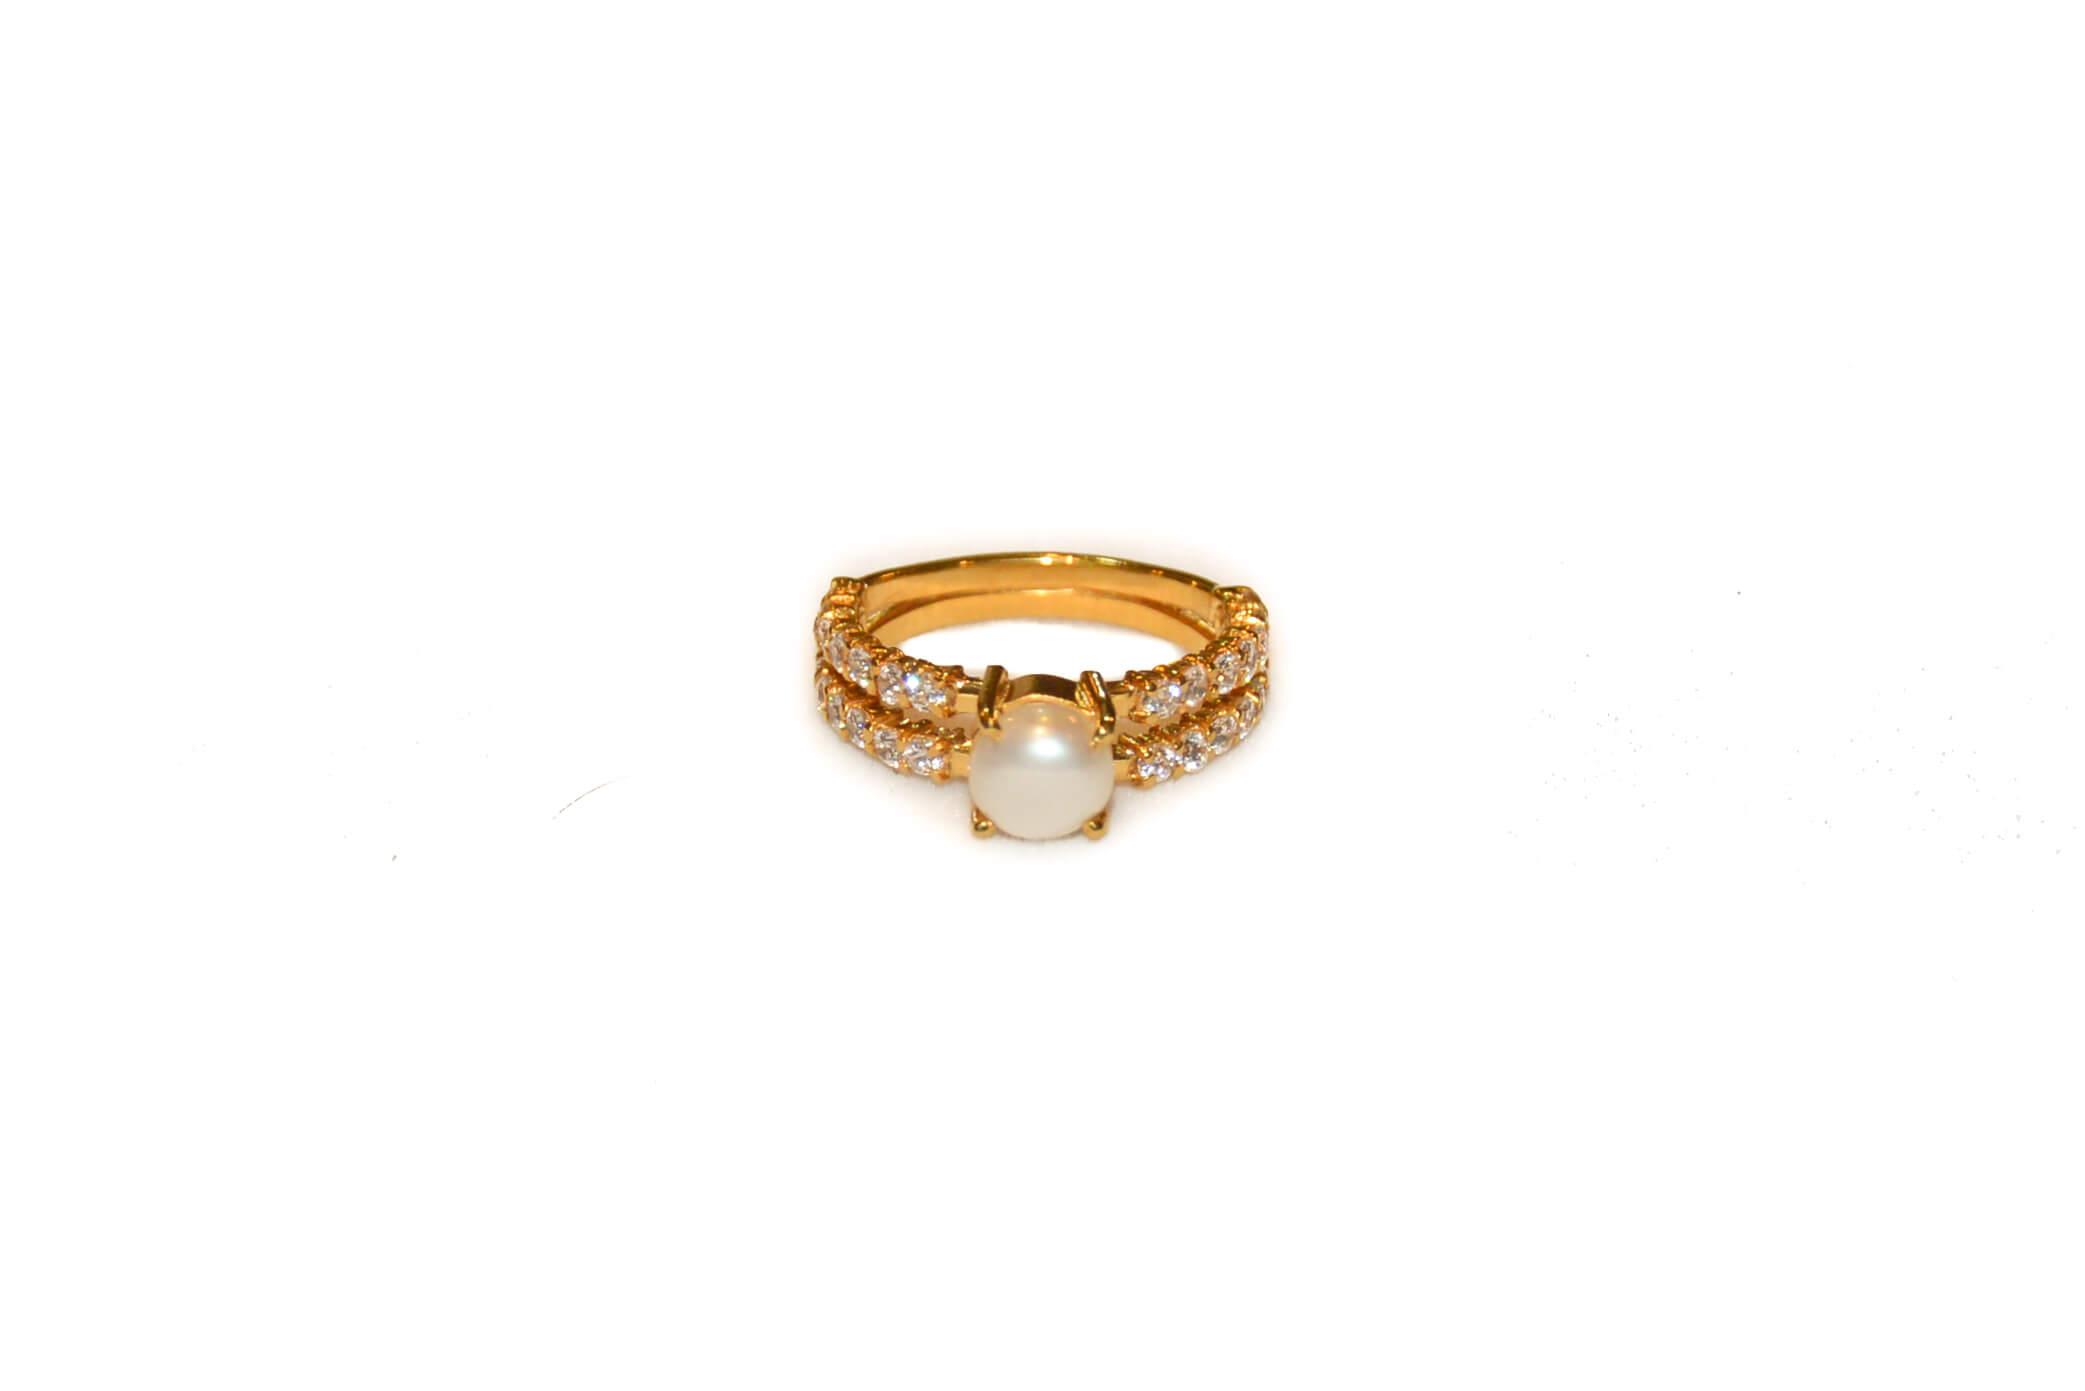 ladiesrings - ladies-ring-002.jpg